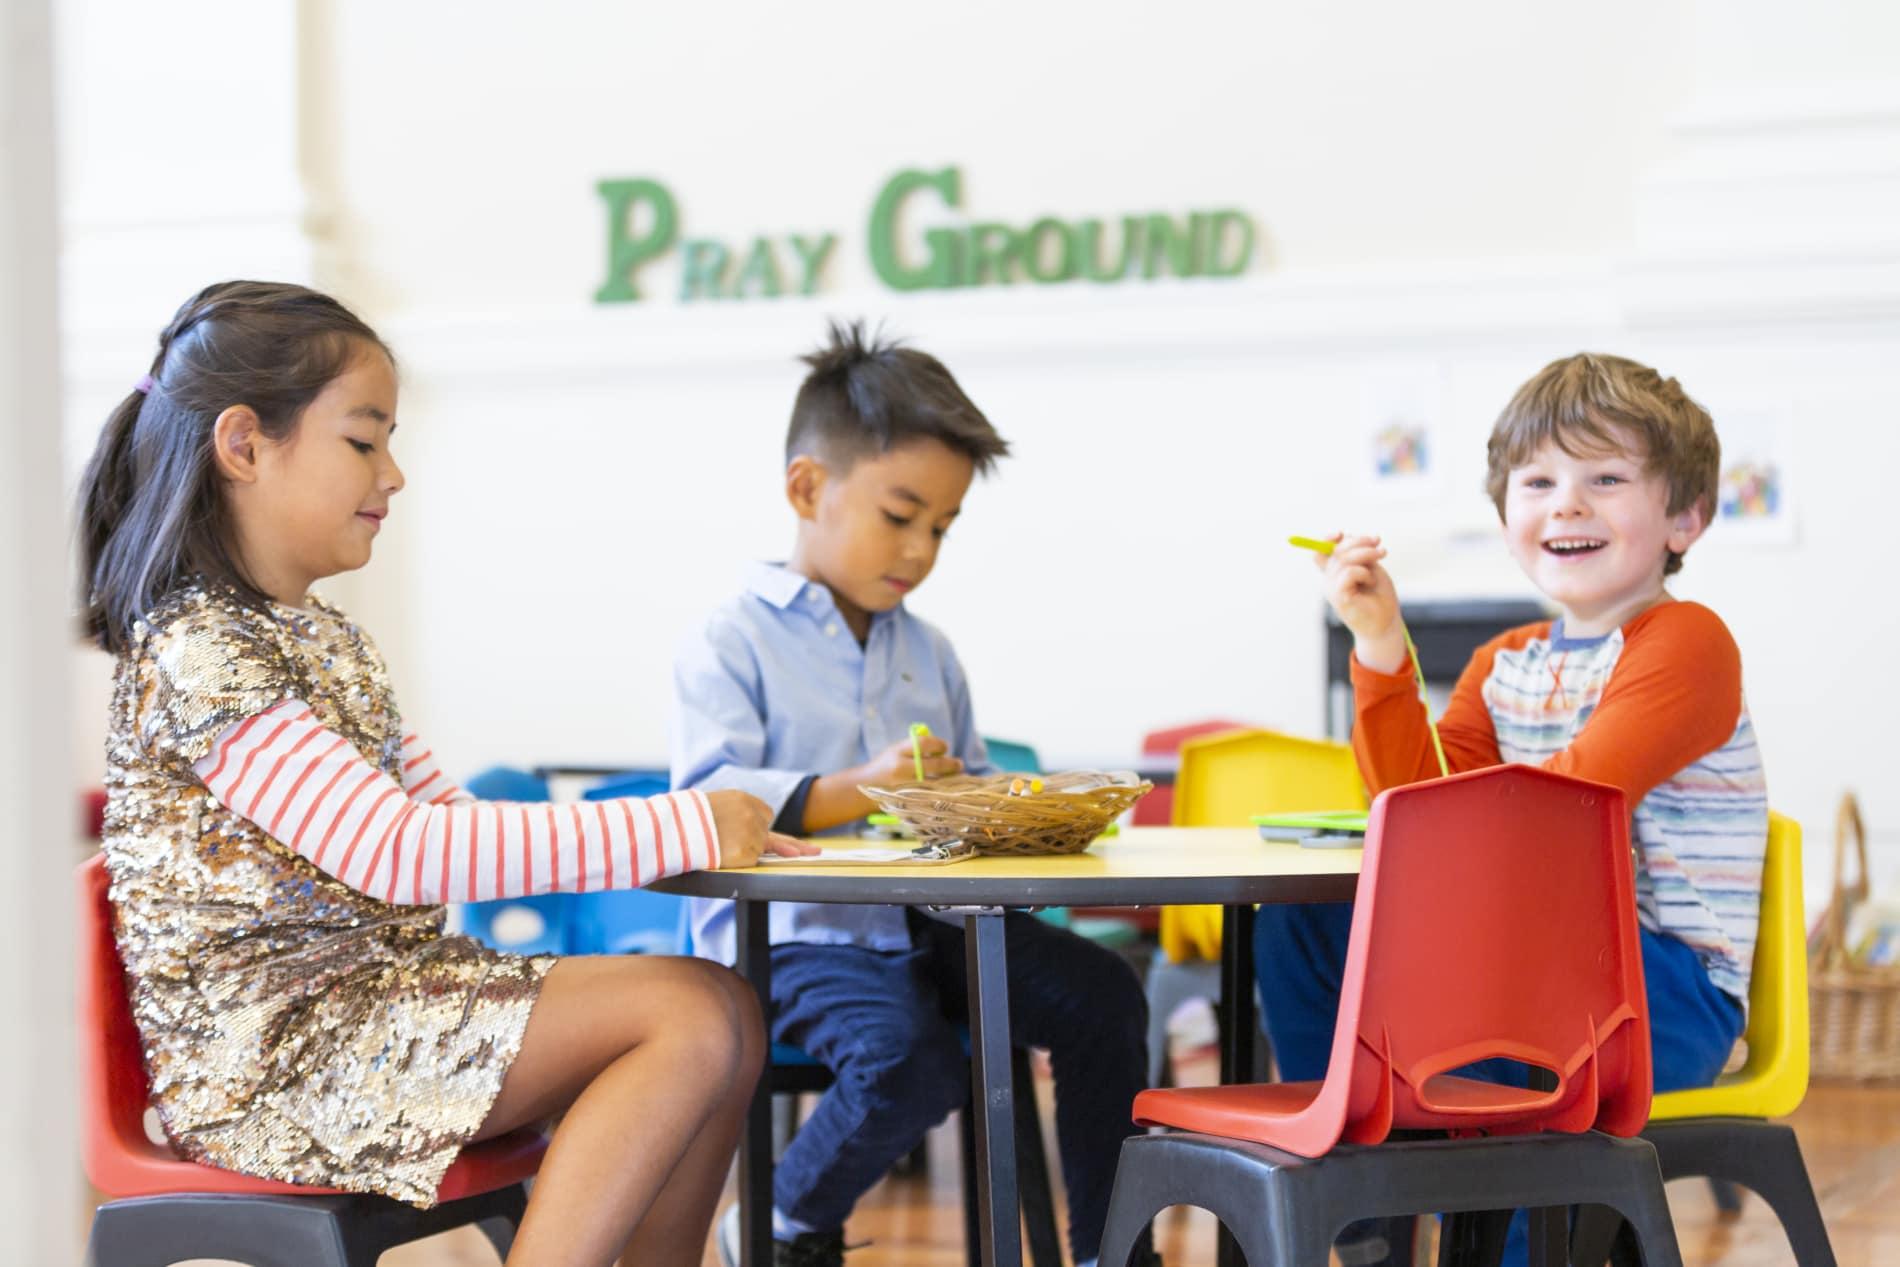 Children play in church Prayground